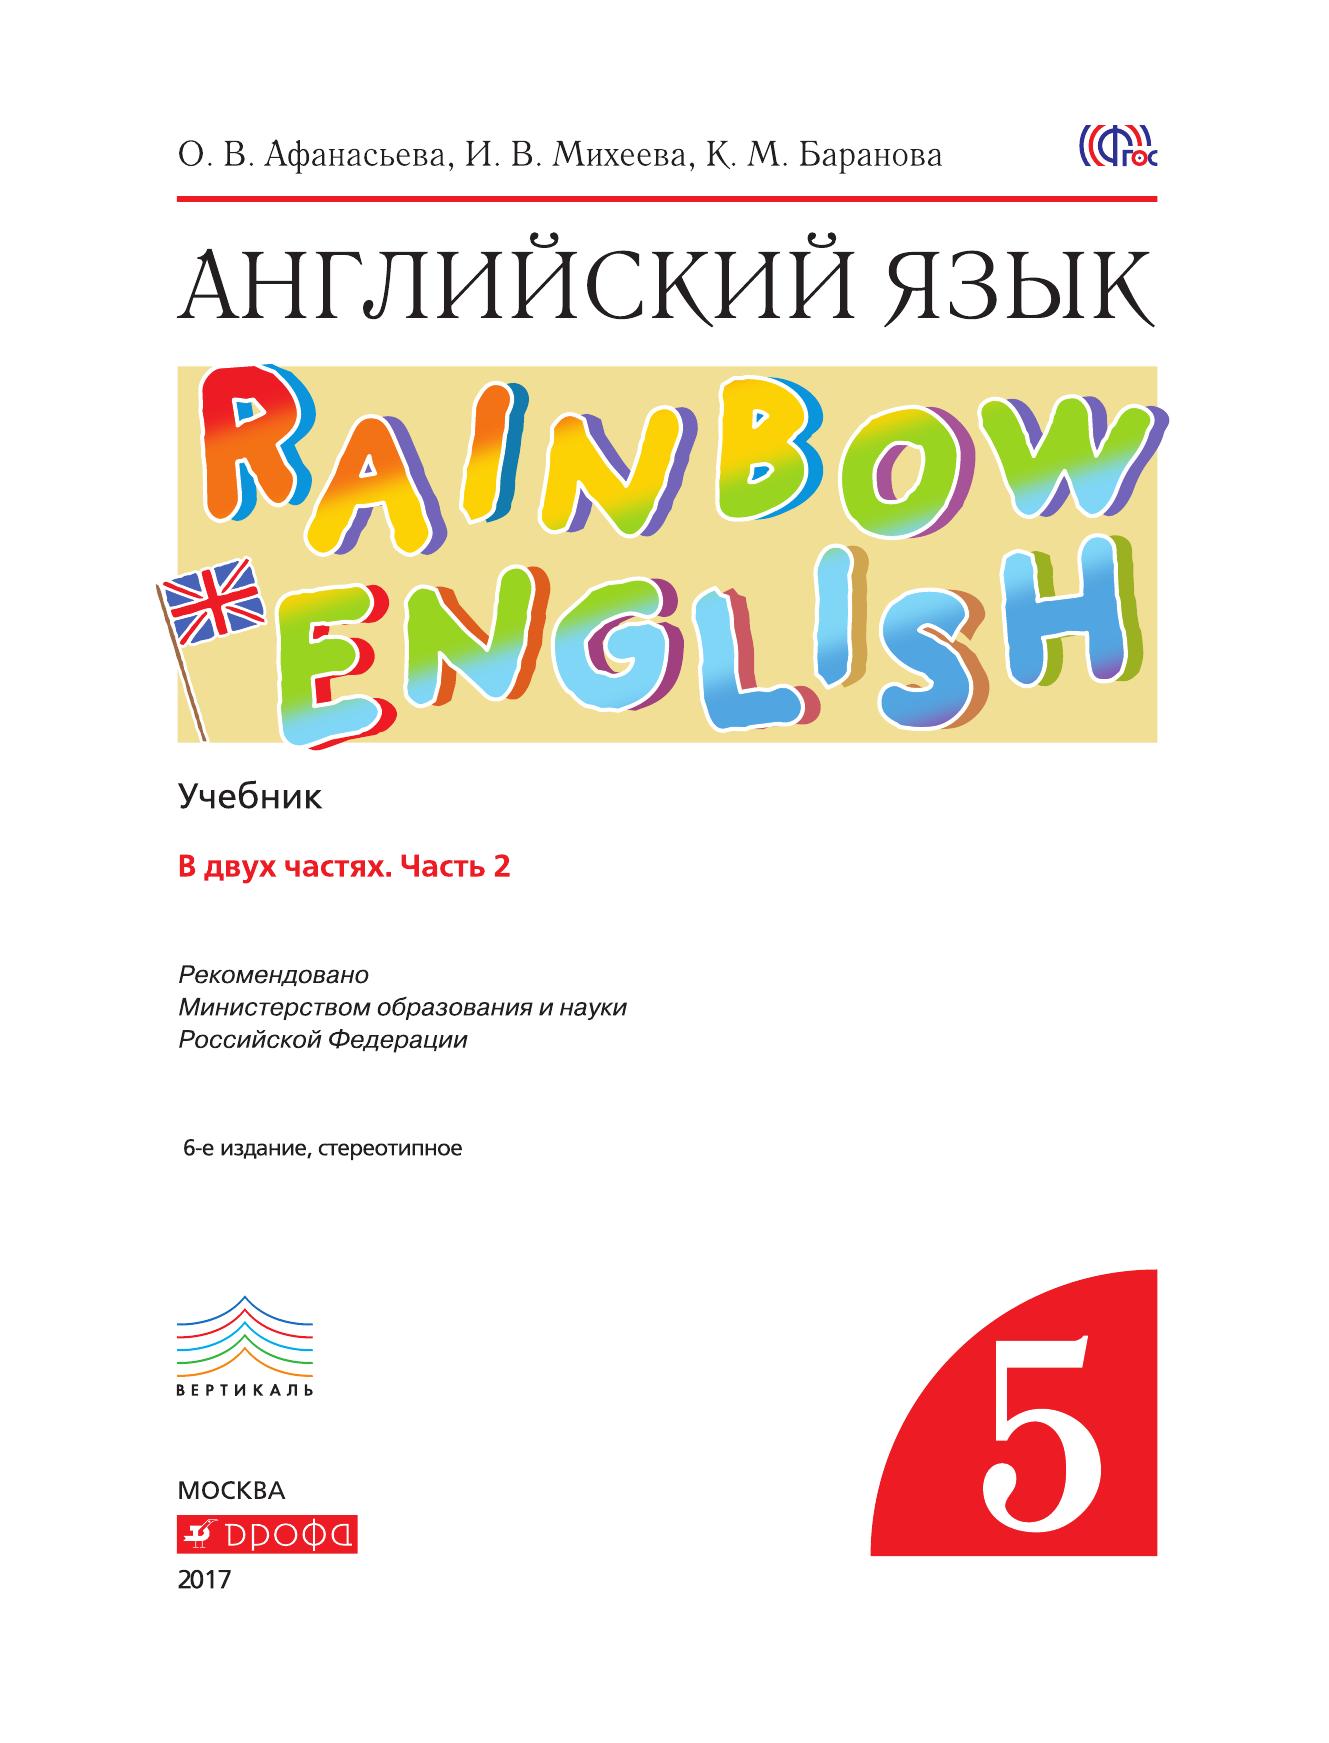 решебник по английскому языку 2 класс афанасьева михеева 2 часть 2018